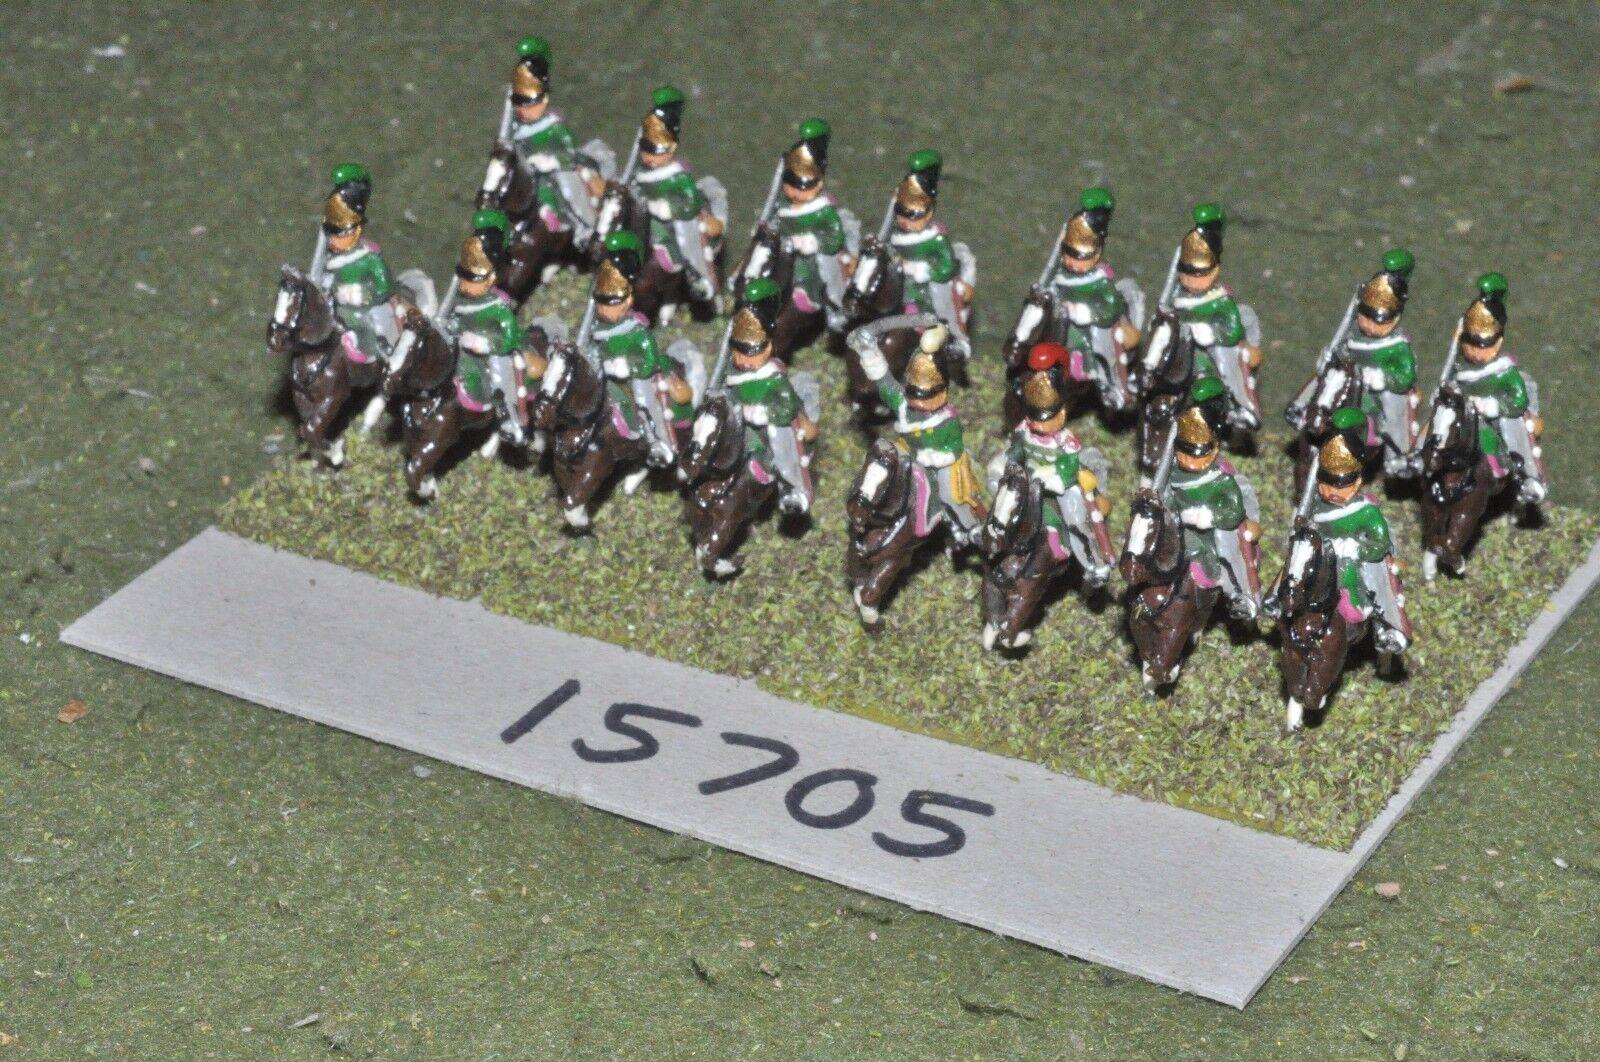 15 napoleonischen   russisch - dragoons 16 kavallerie - cav (15705)